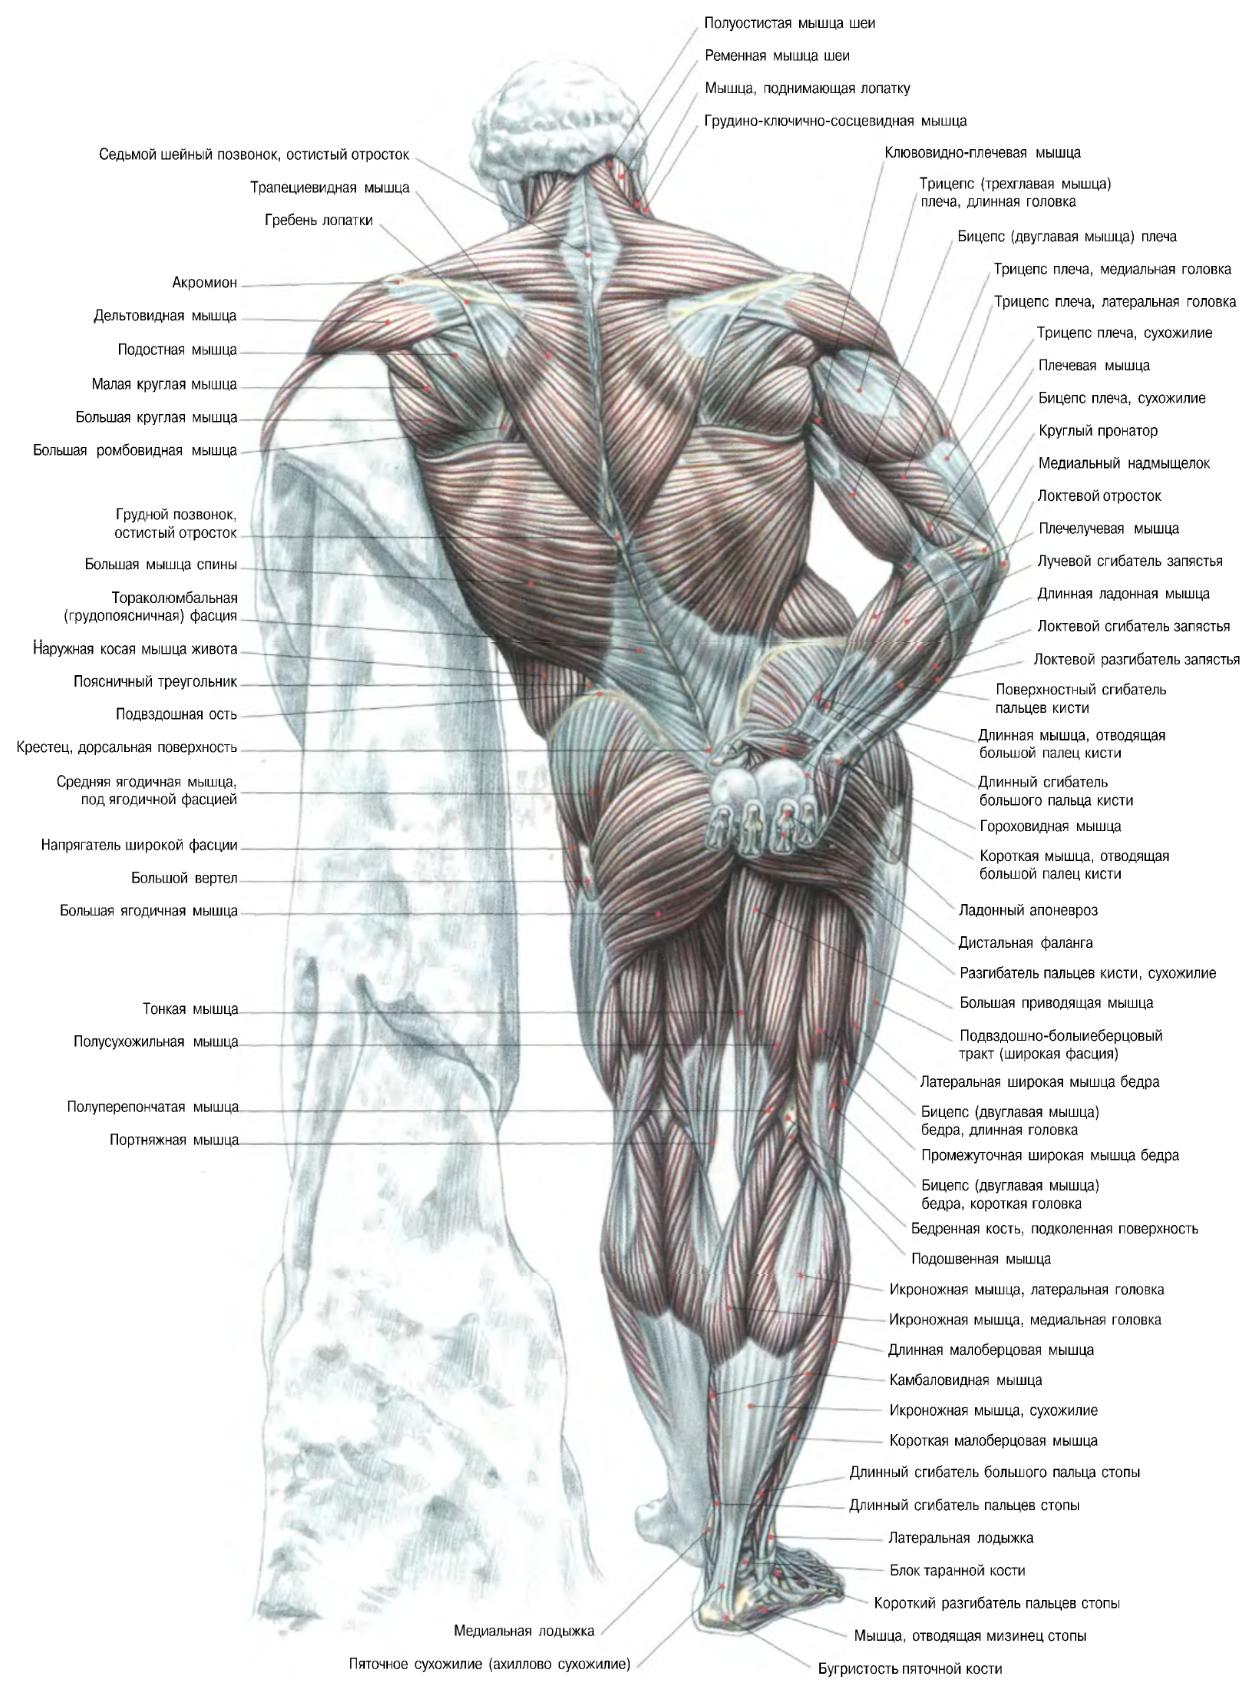 Мышцы человека спина